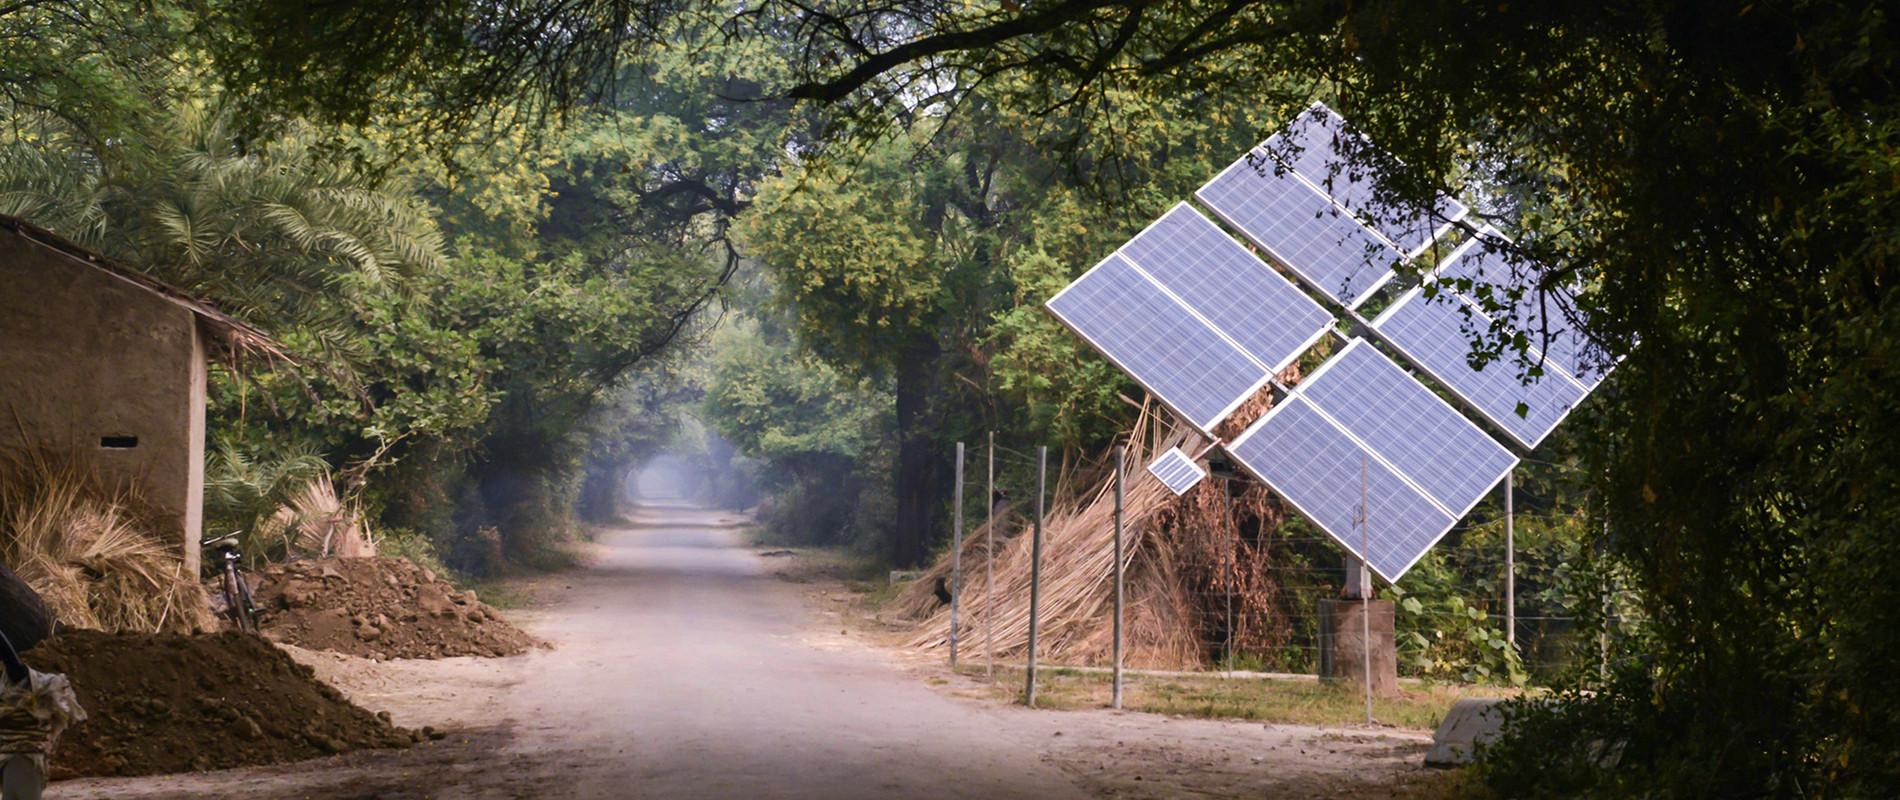 L'Inde promet des technologies propres